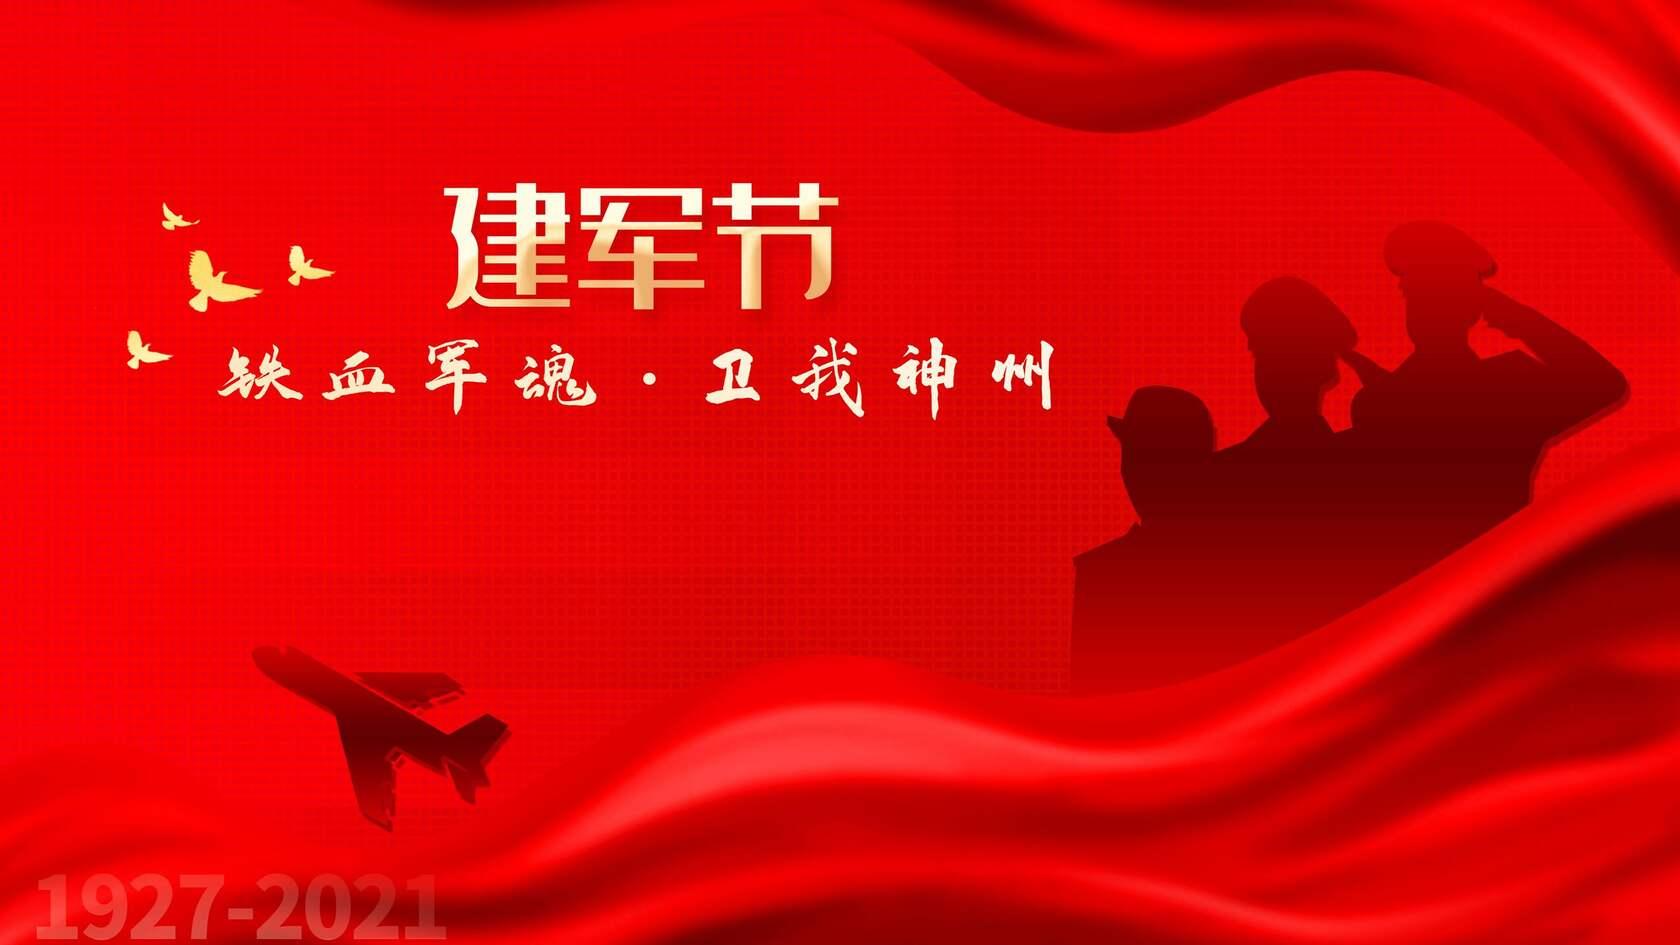 八一建军节节日壁纸,1921-2021建军94周年高清桌面壁纸图片套图1